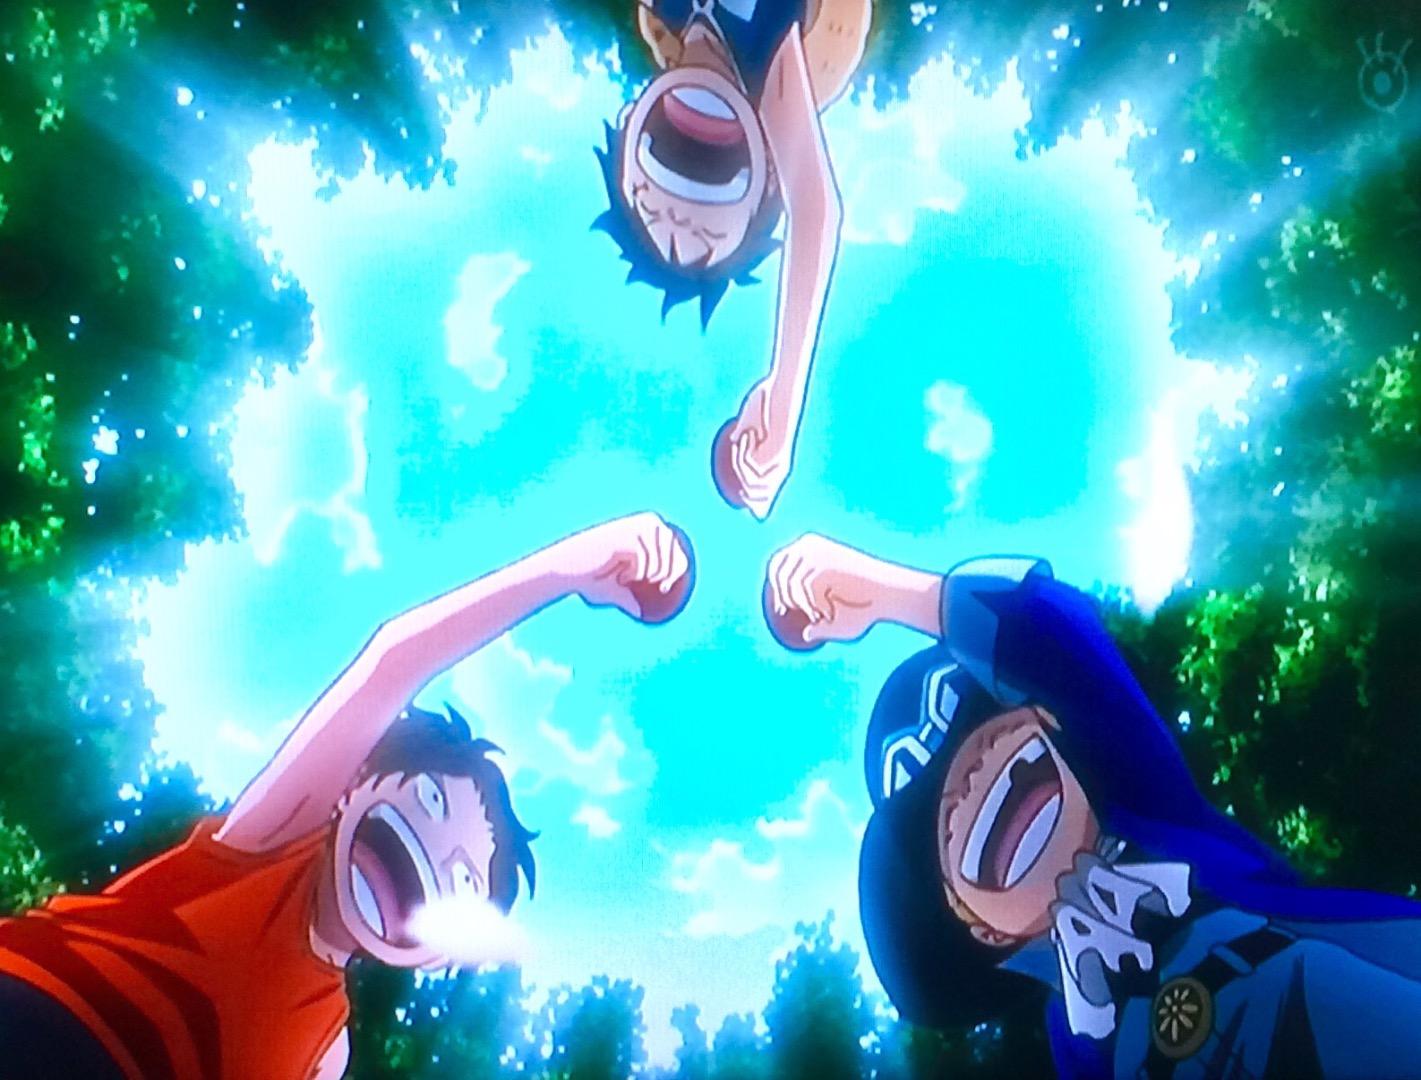 ほとんどのダウンロード One Piece サボ 壁紙 Opokabegami